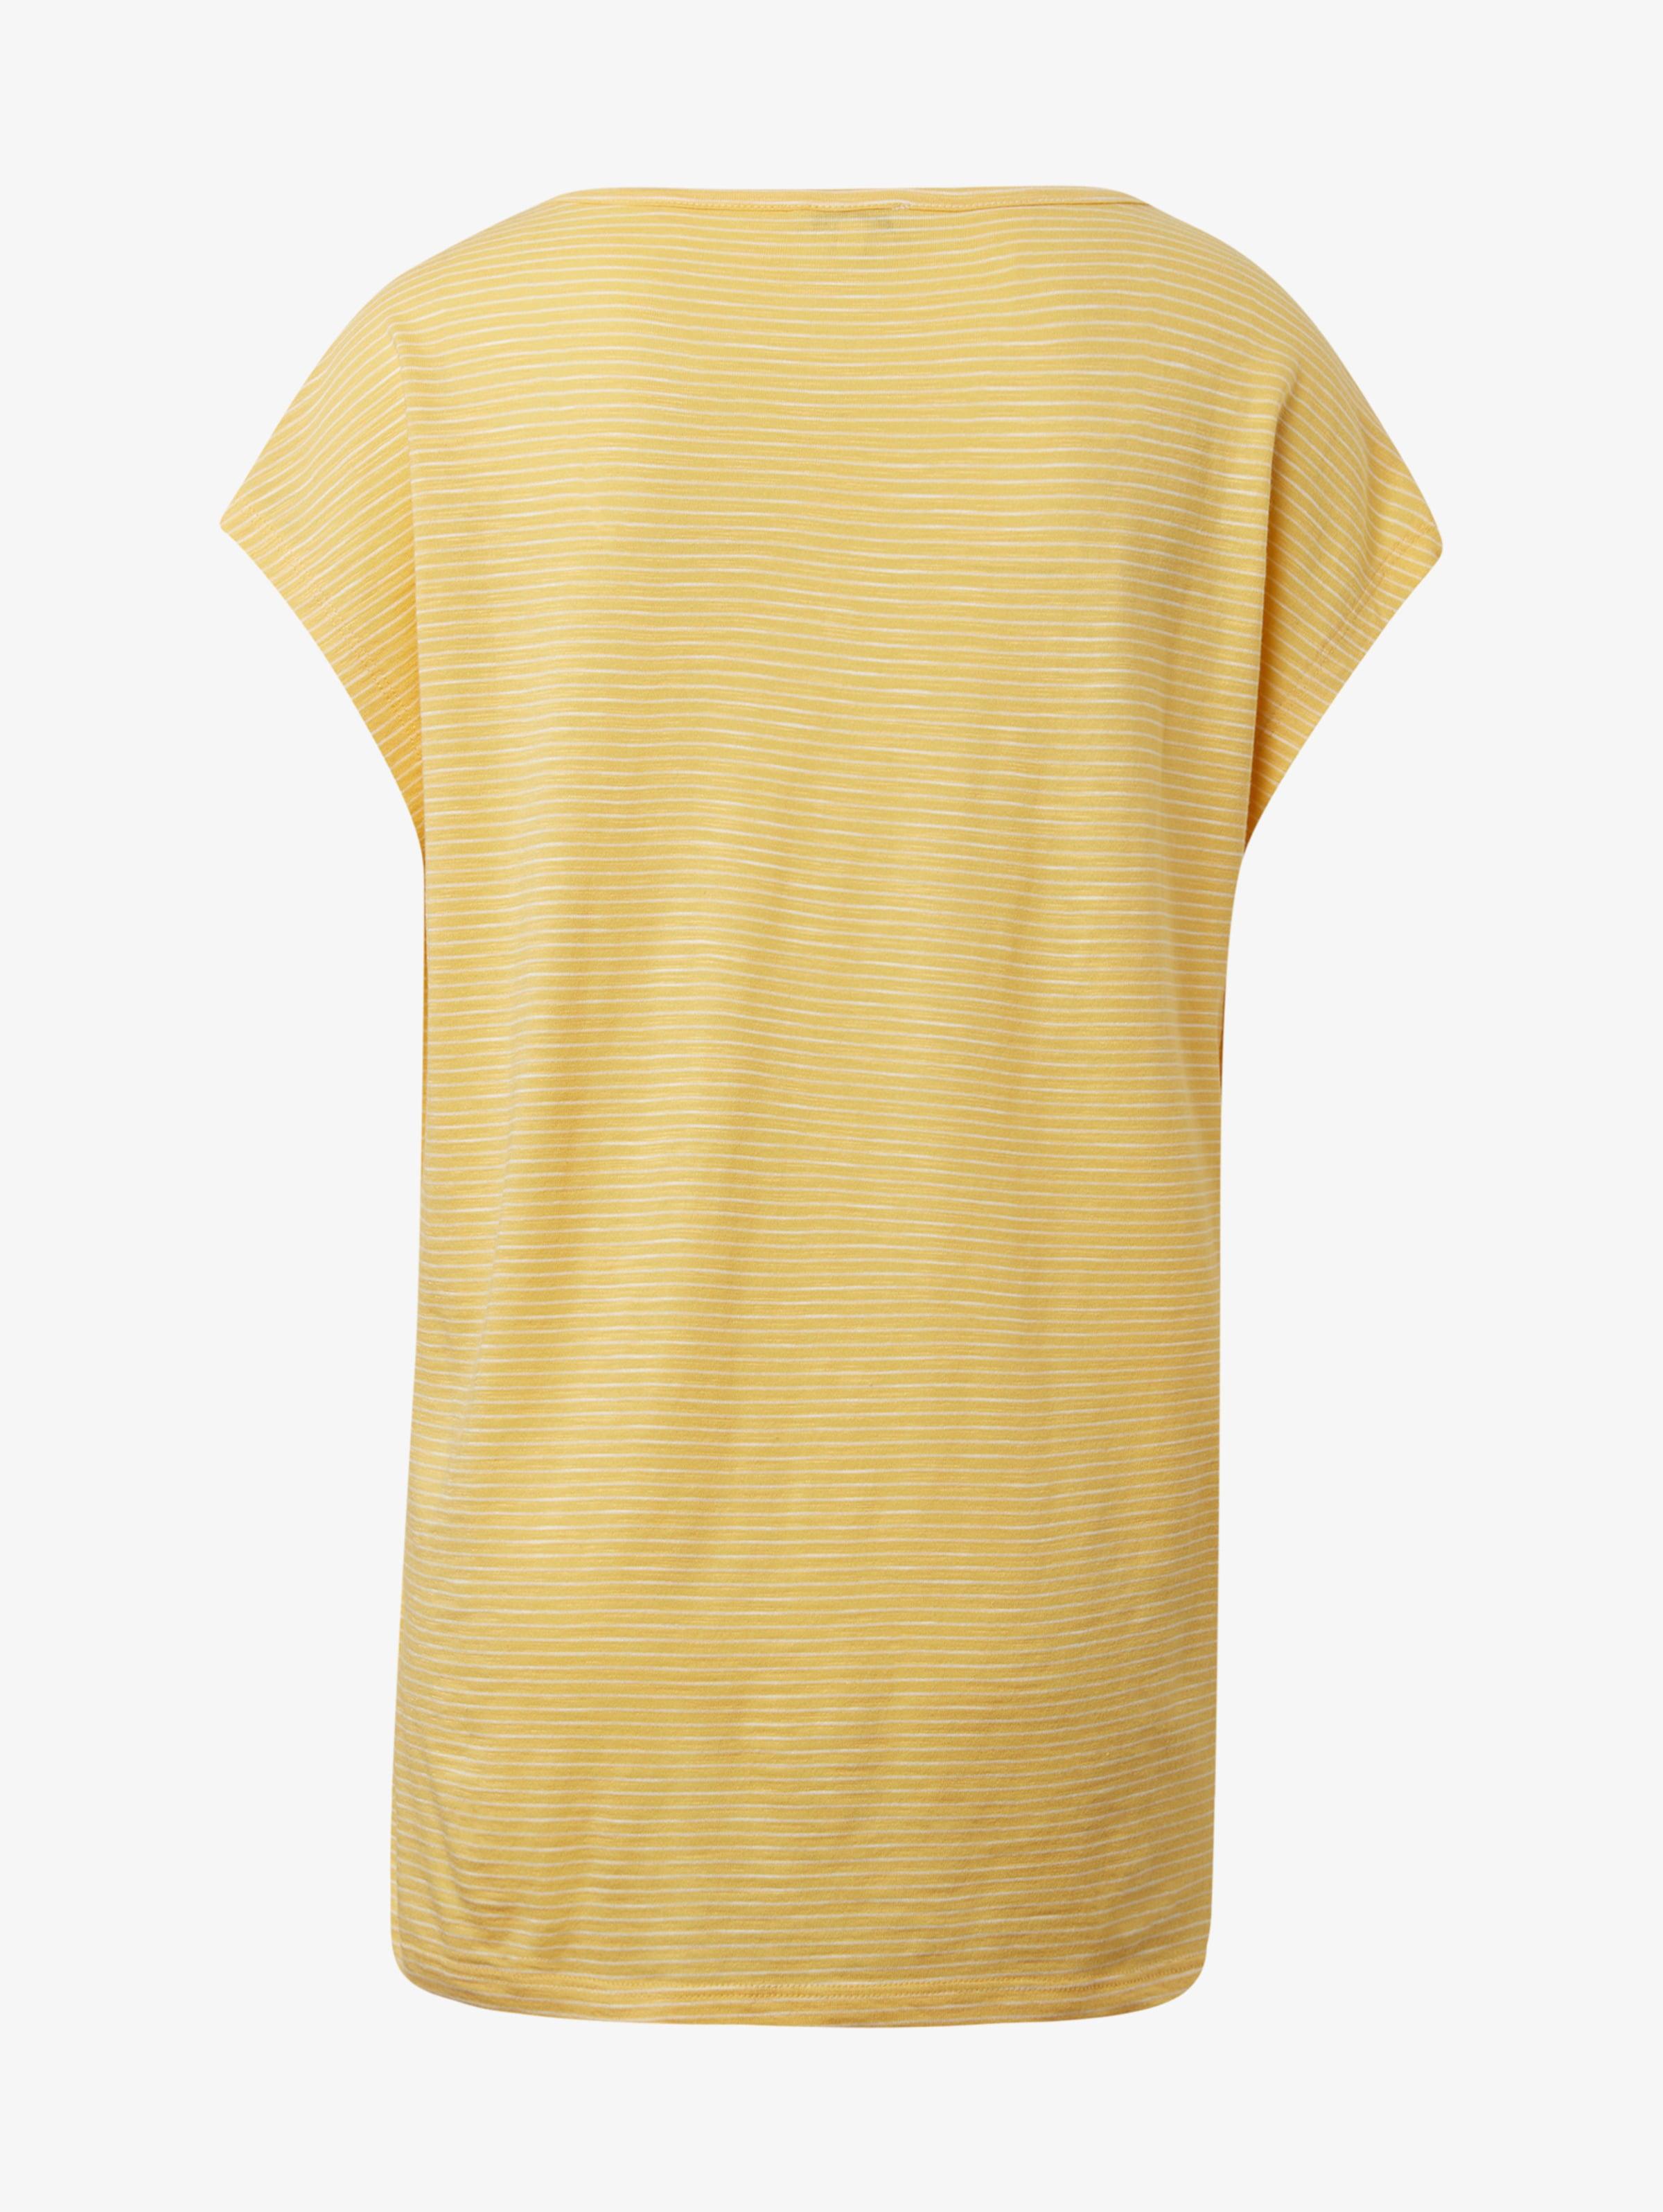 Tom GelbWeiß shirt Tailor T In CBexrdo